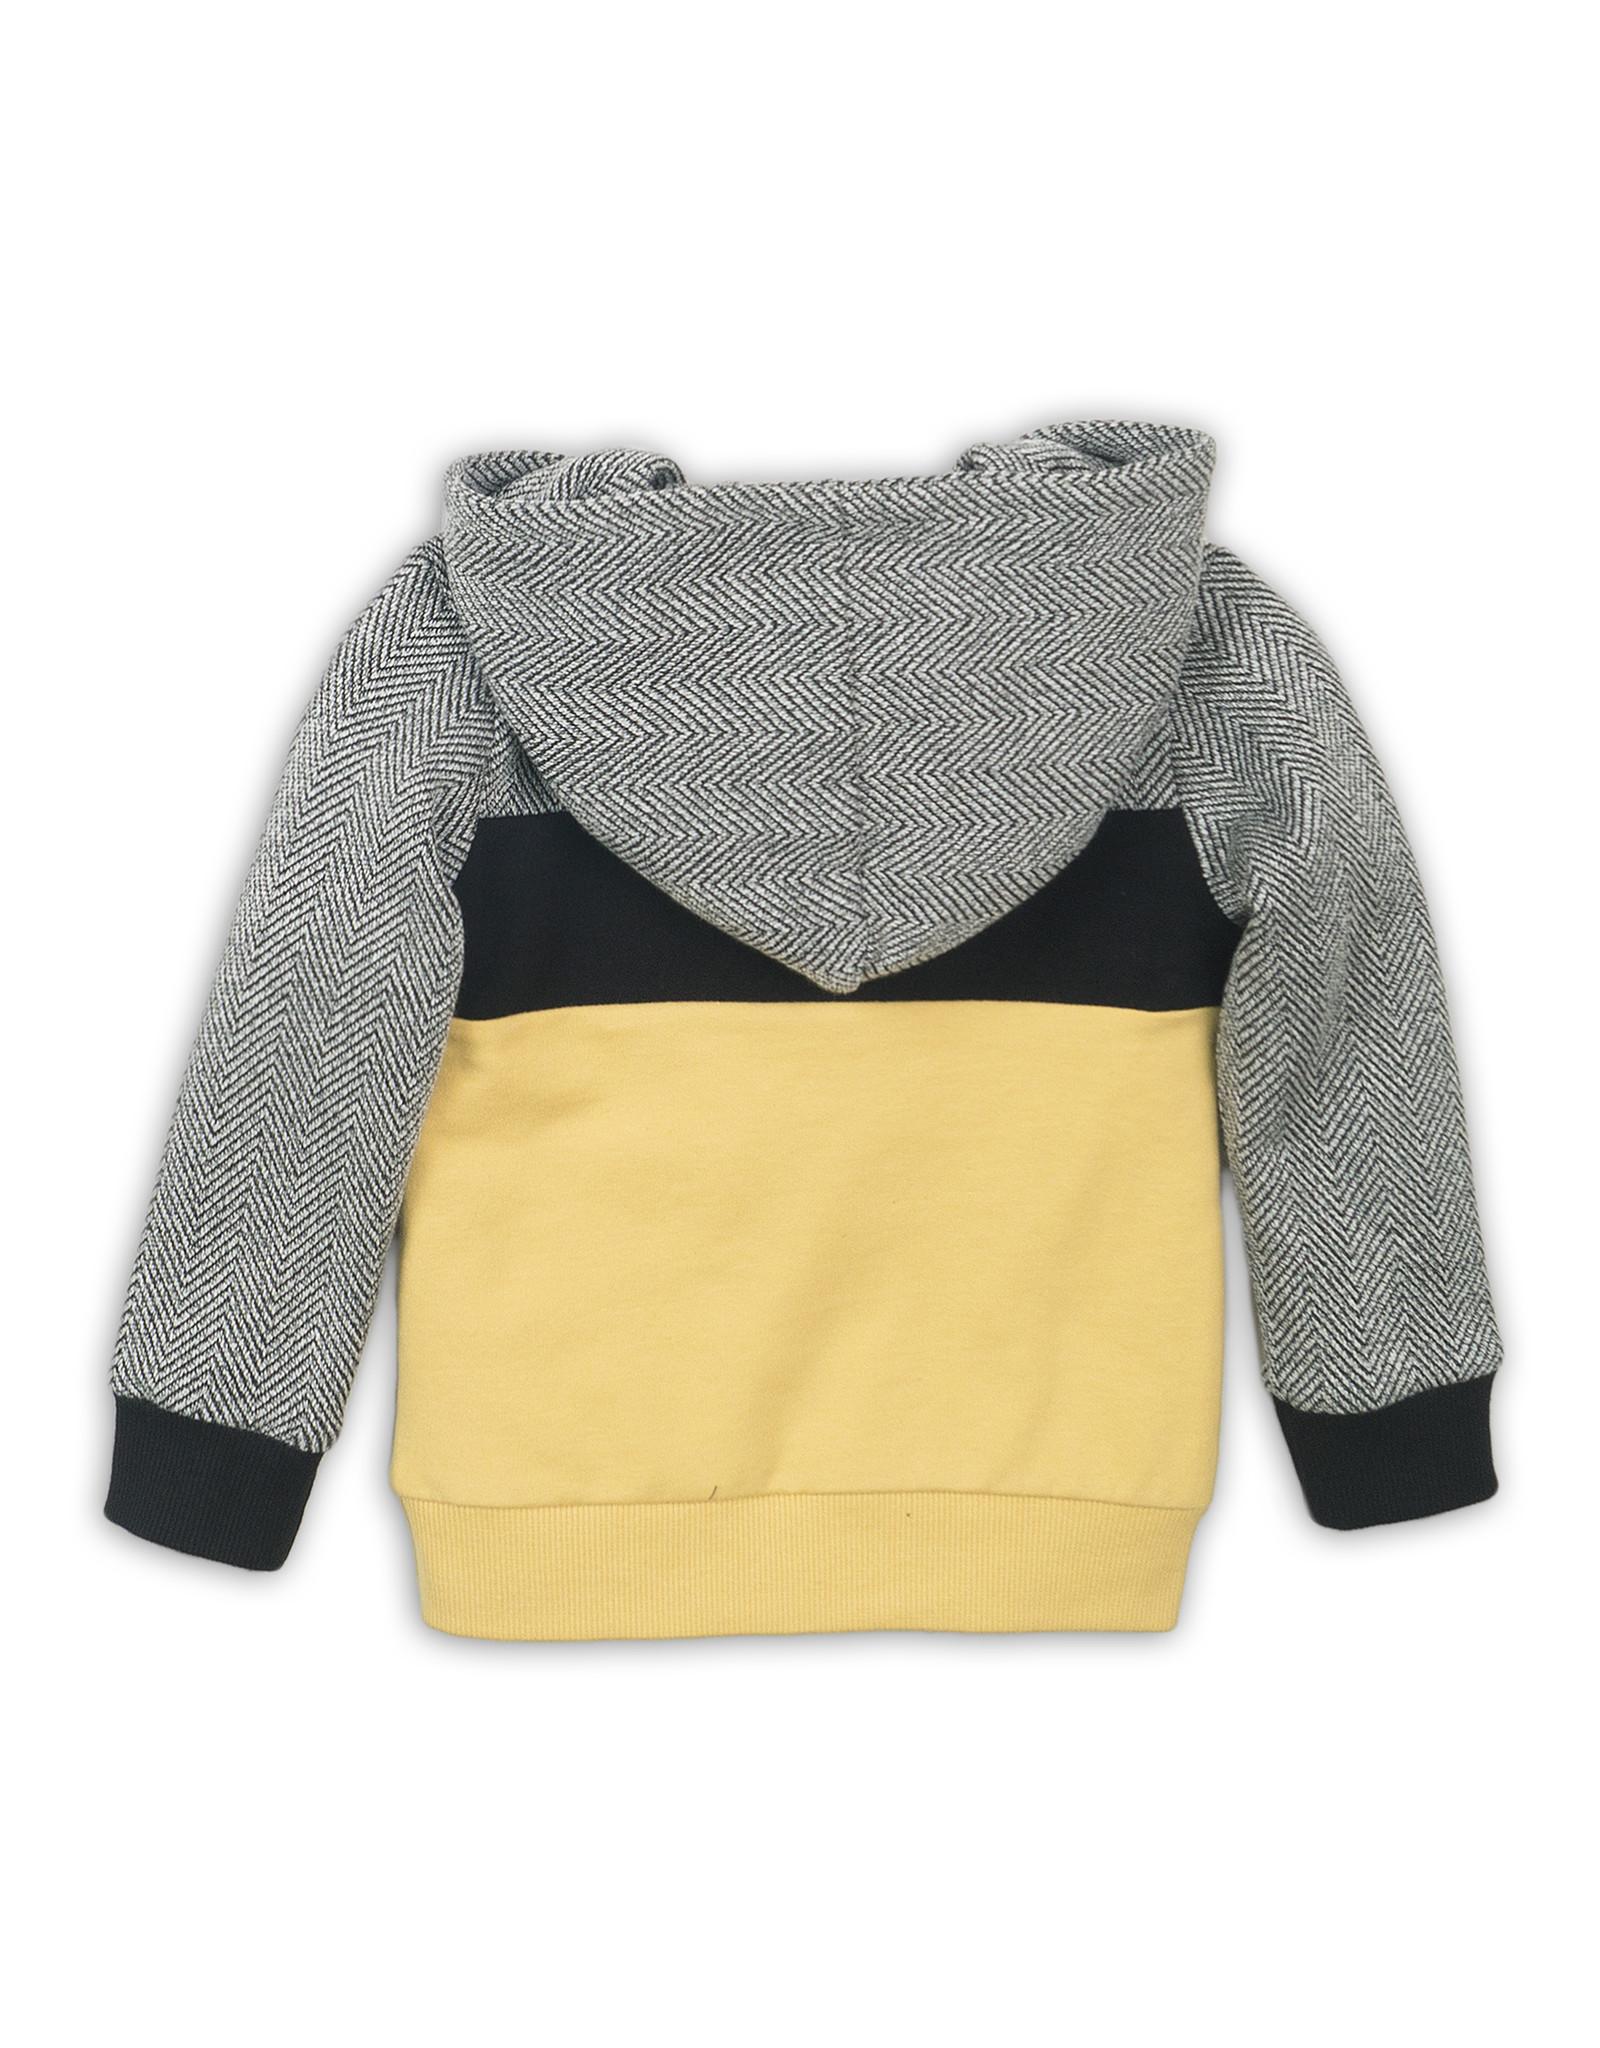 Koko Noko Sweater black/white/yellow